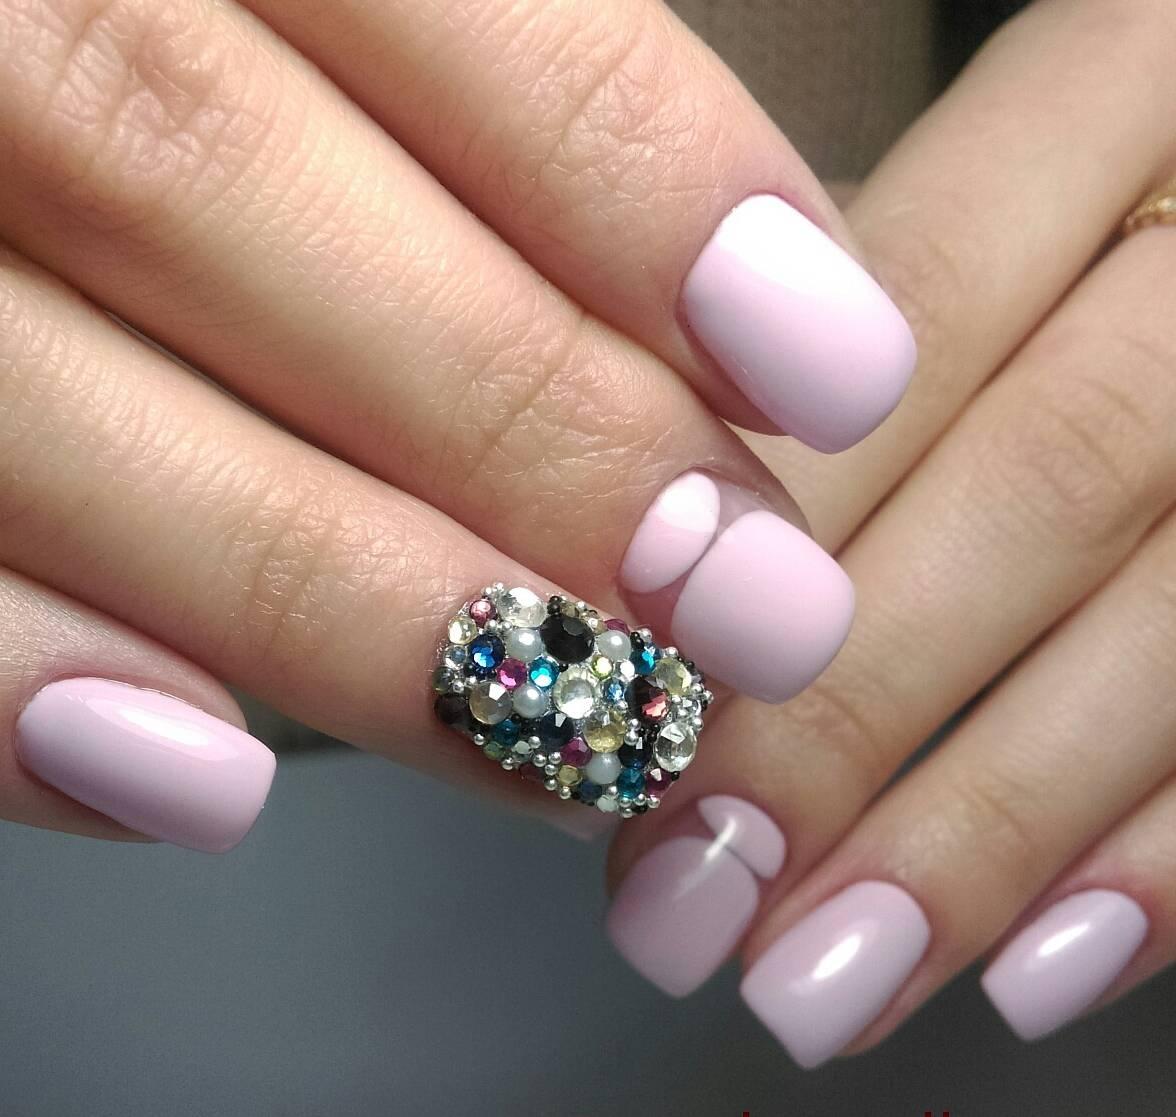 Розовый маникюр с кристаллизацией